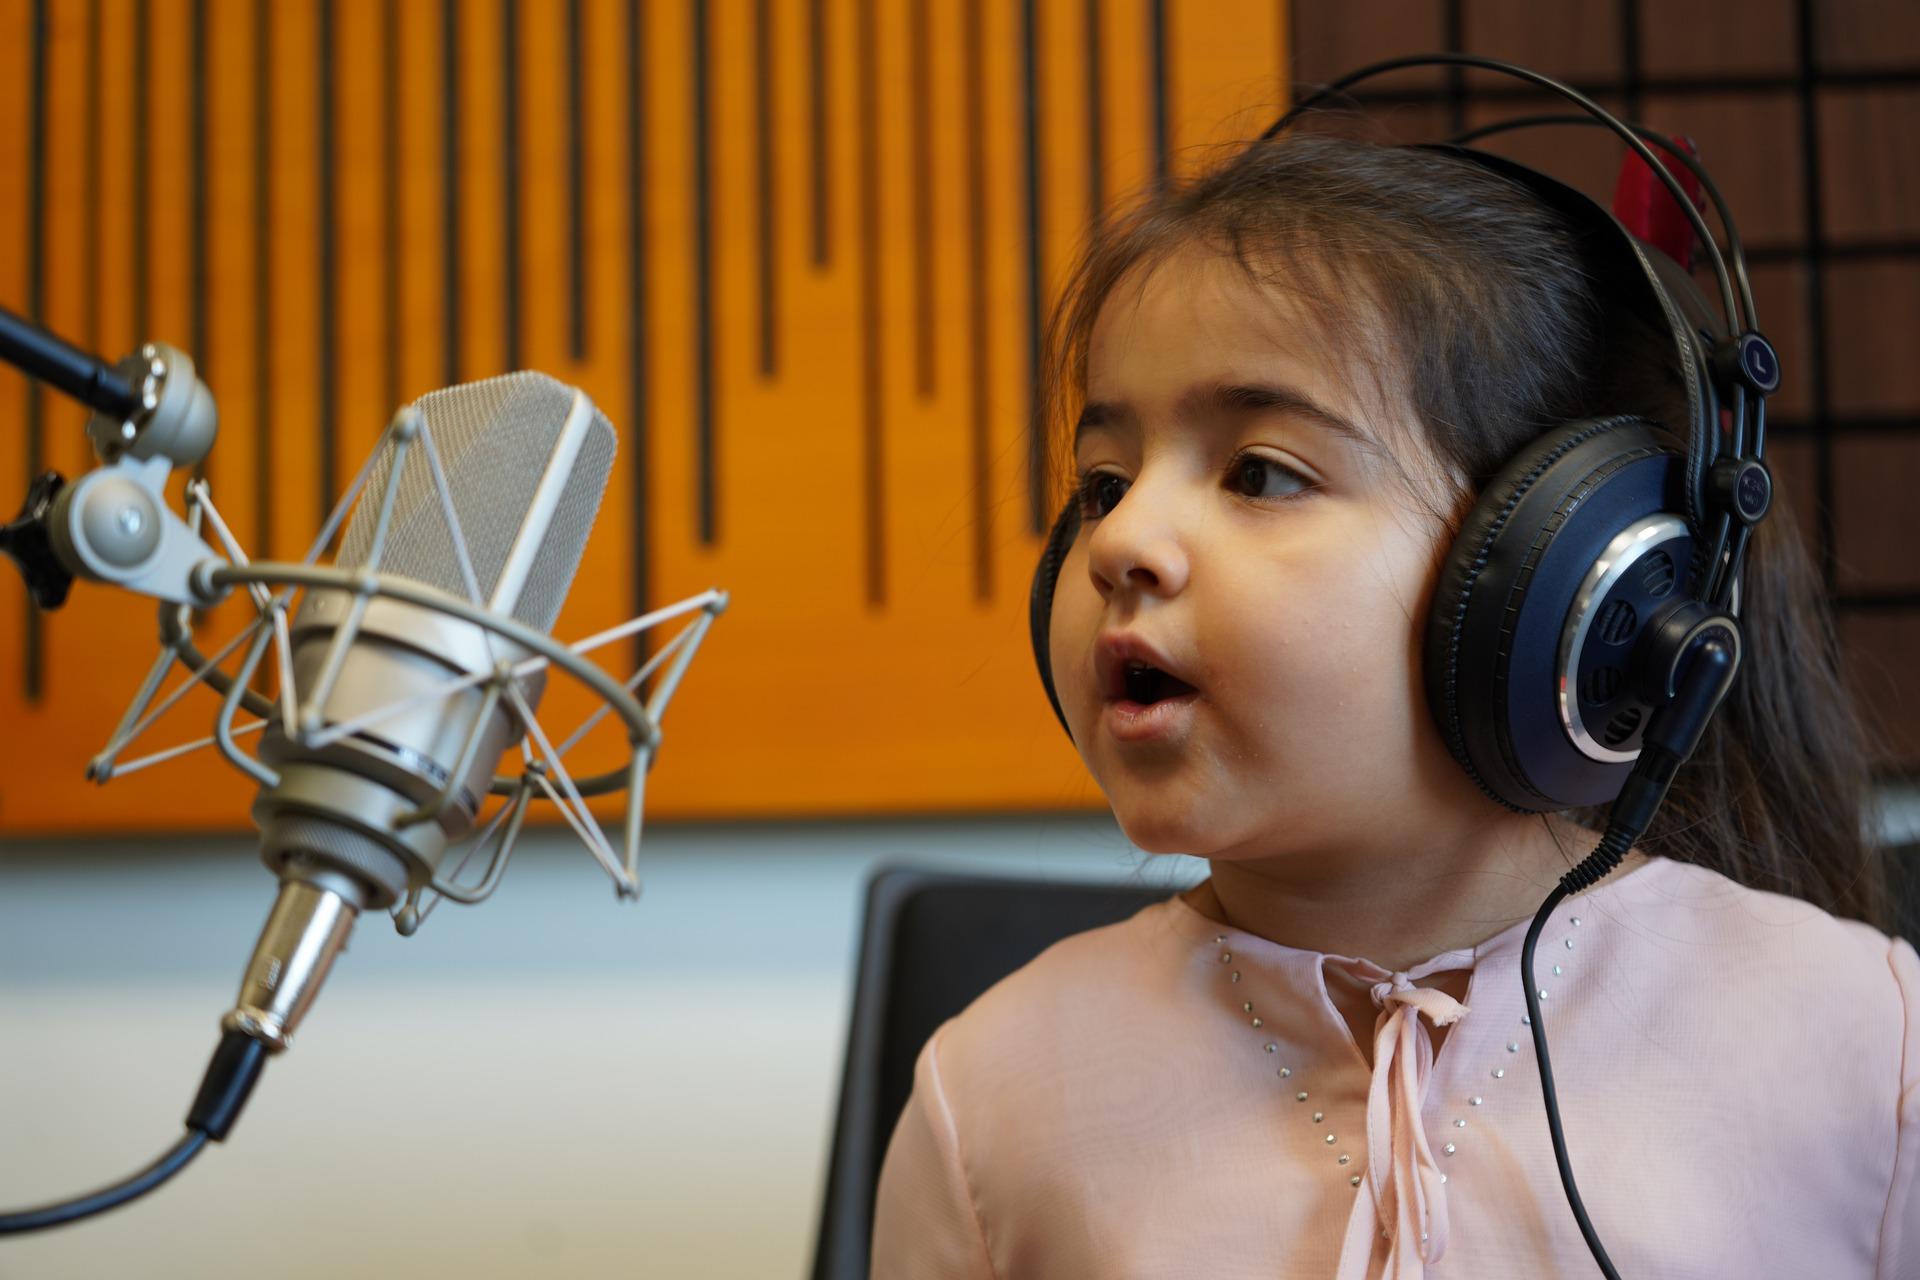 Рейтинг лучших онлайн-курсов по вокалу на 2021 год